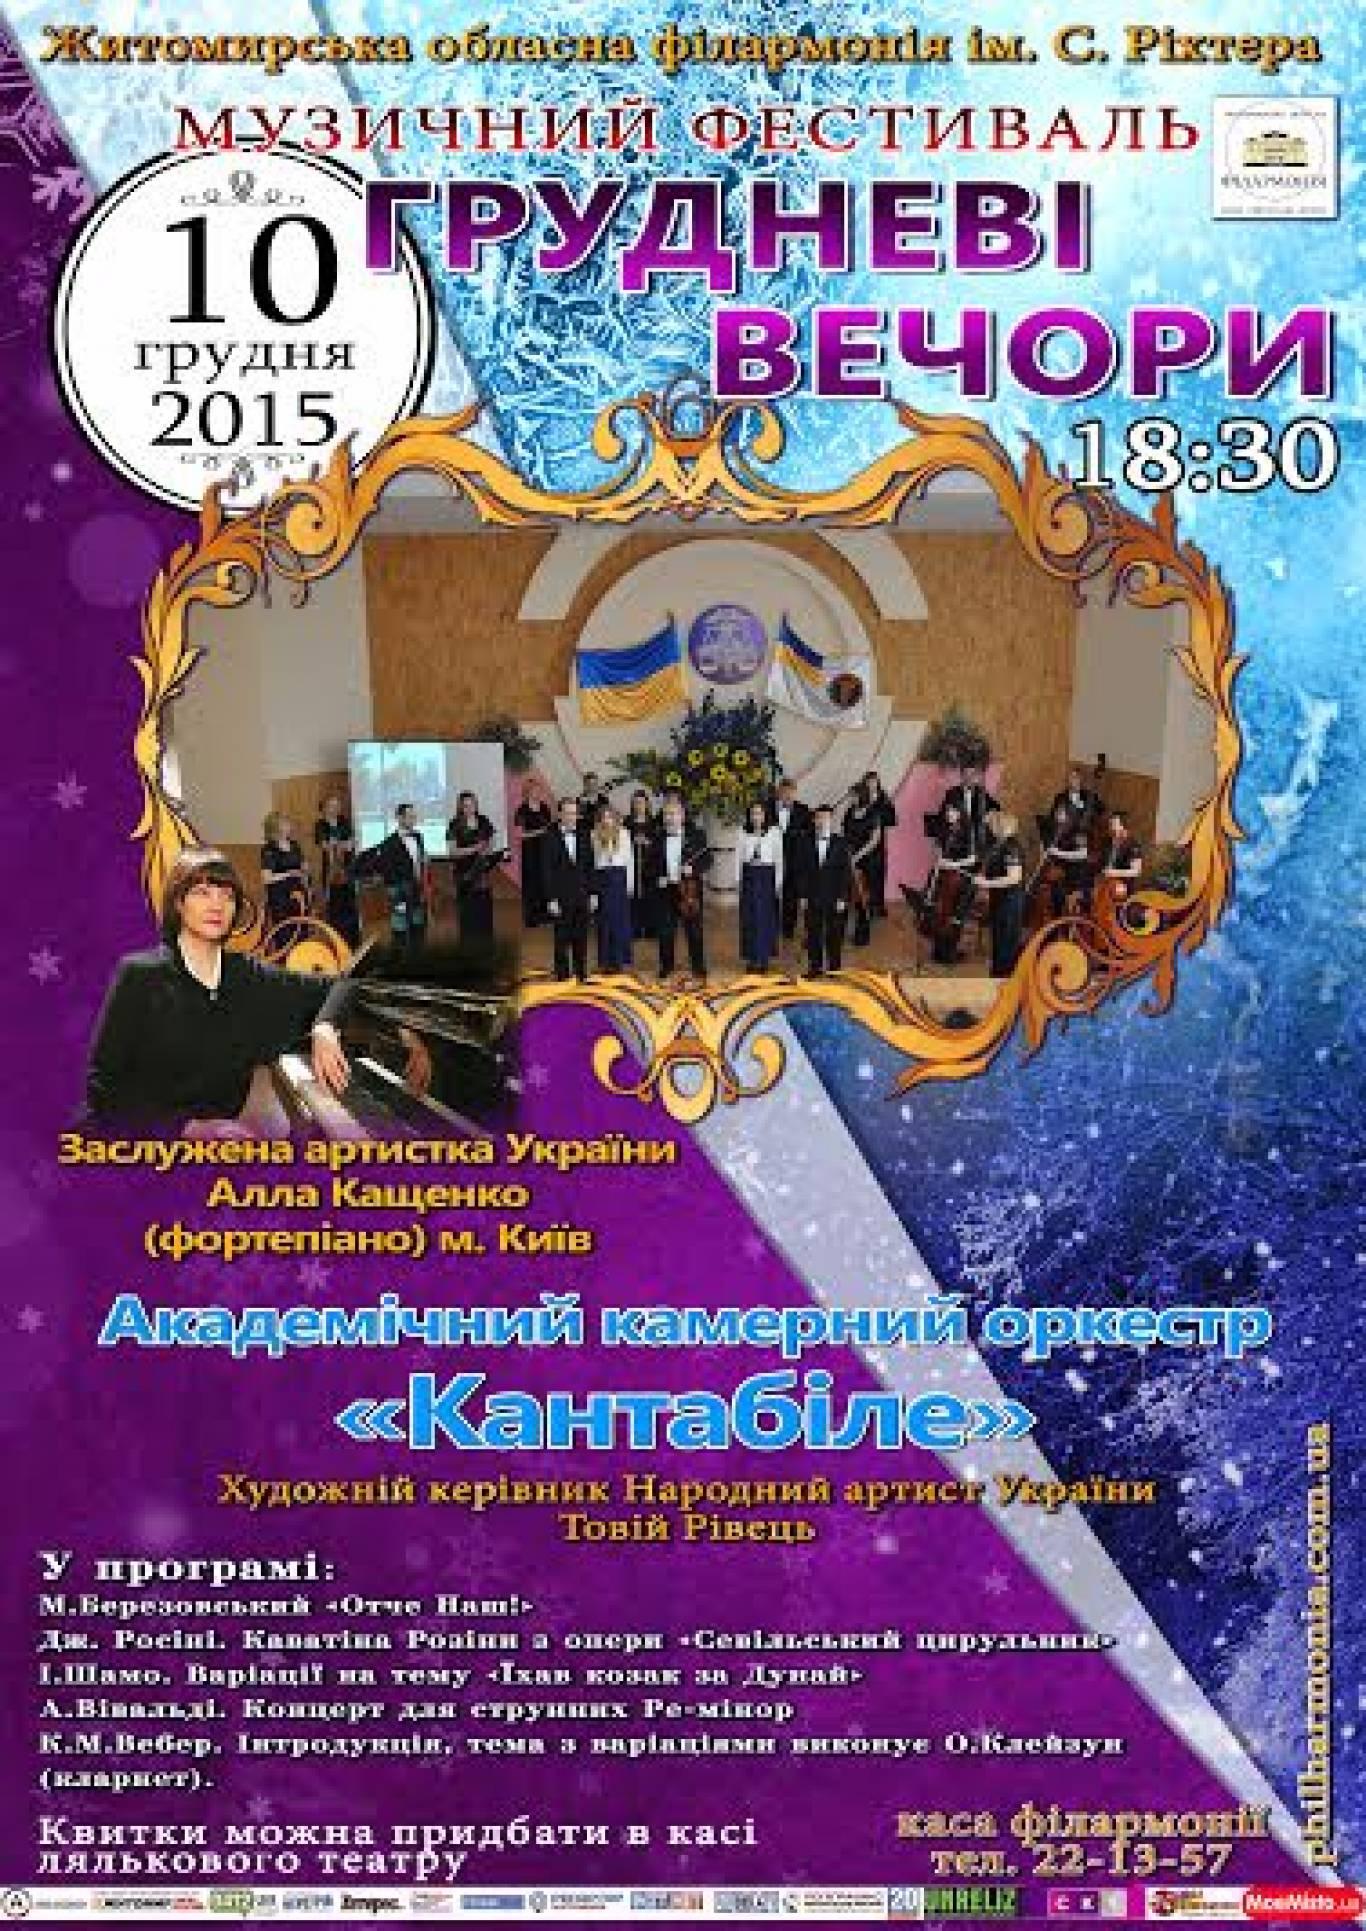 Концерт академічного камерного оркестру «Кантабіле»